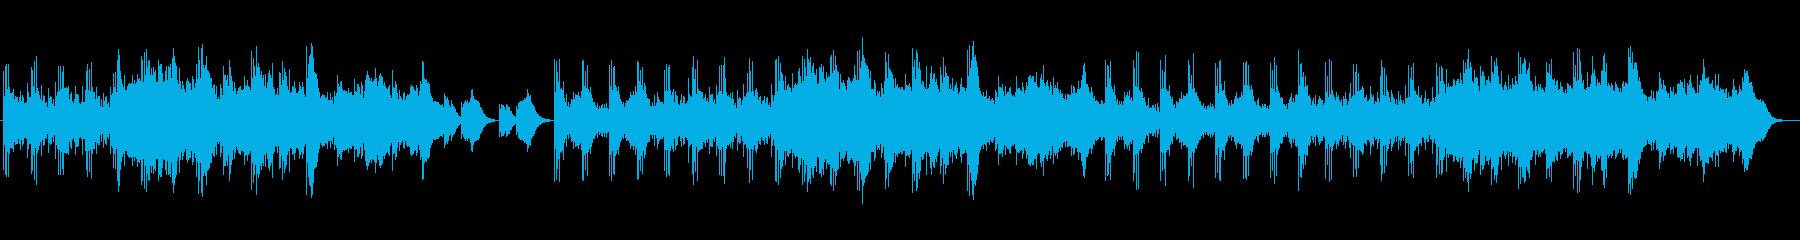 ひっそりした緊迫感のあるメロディーの再生済みの波形